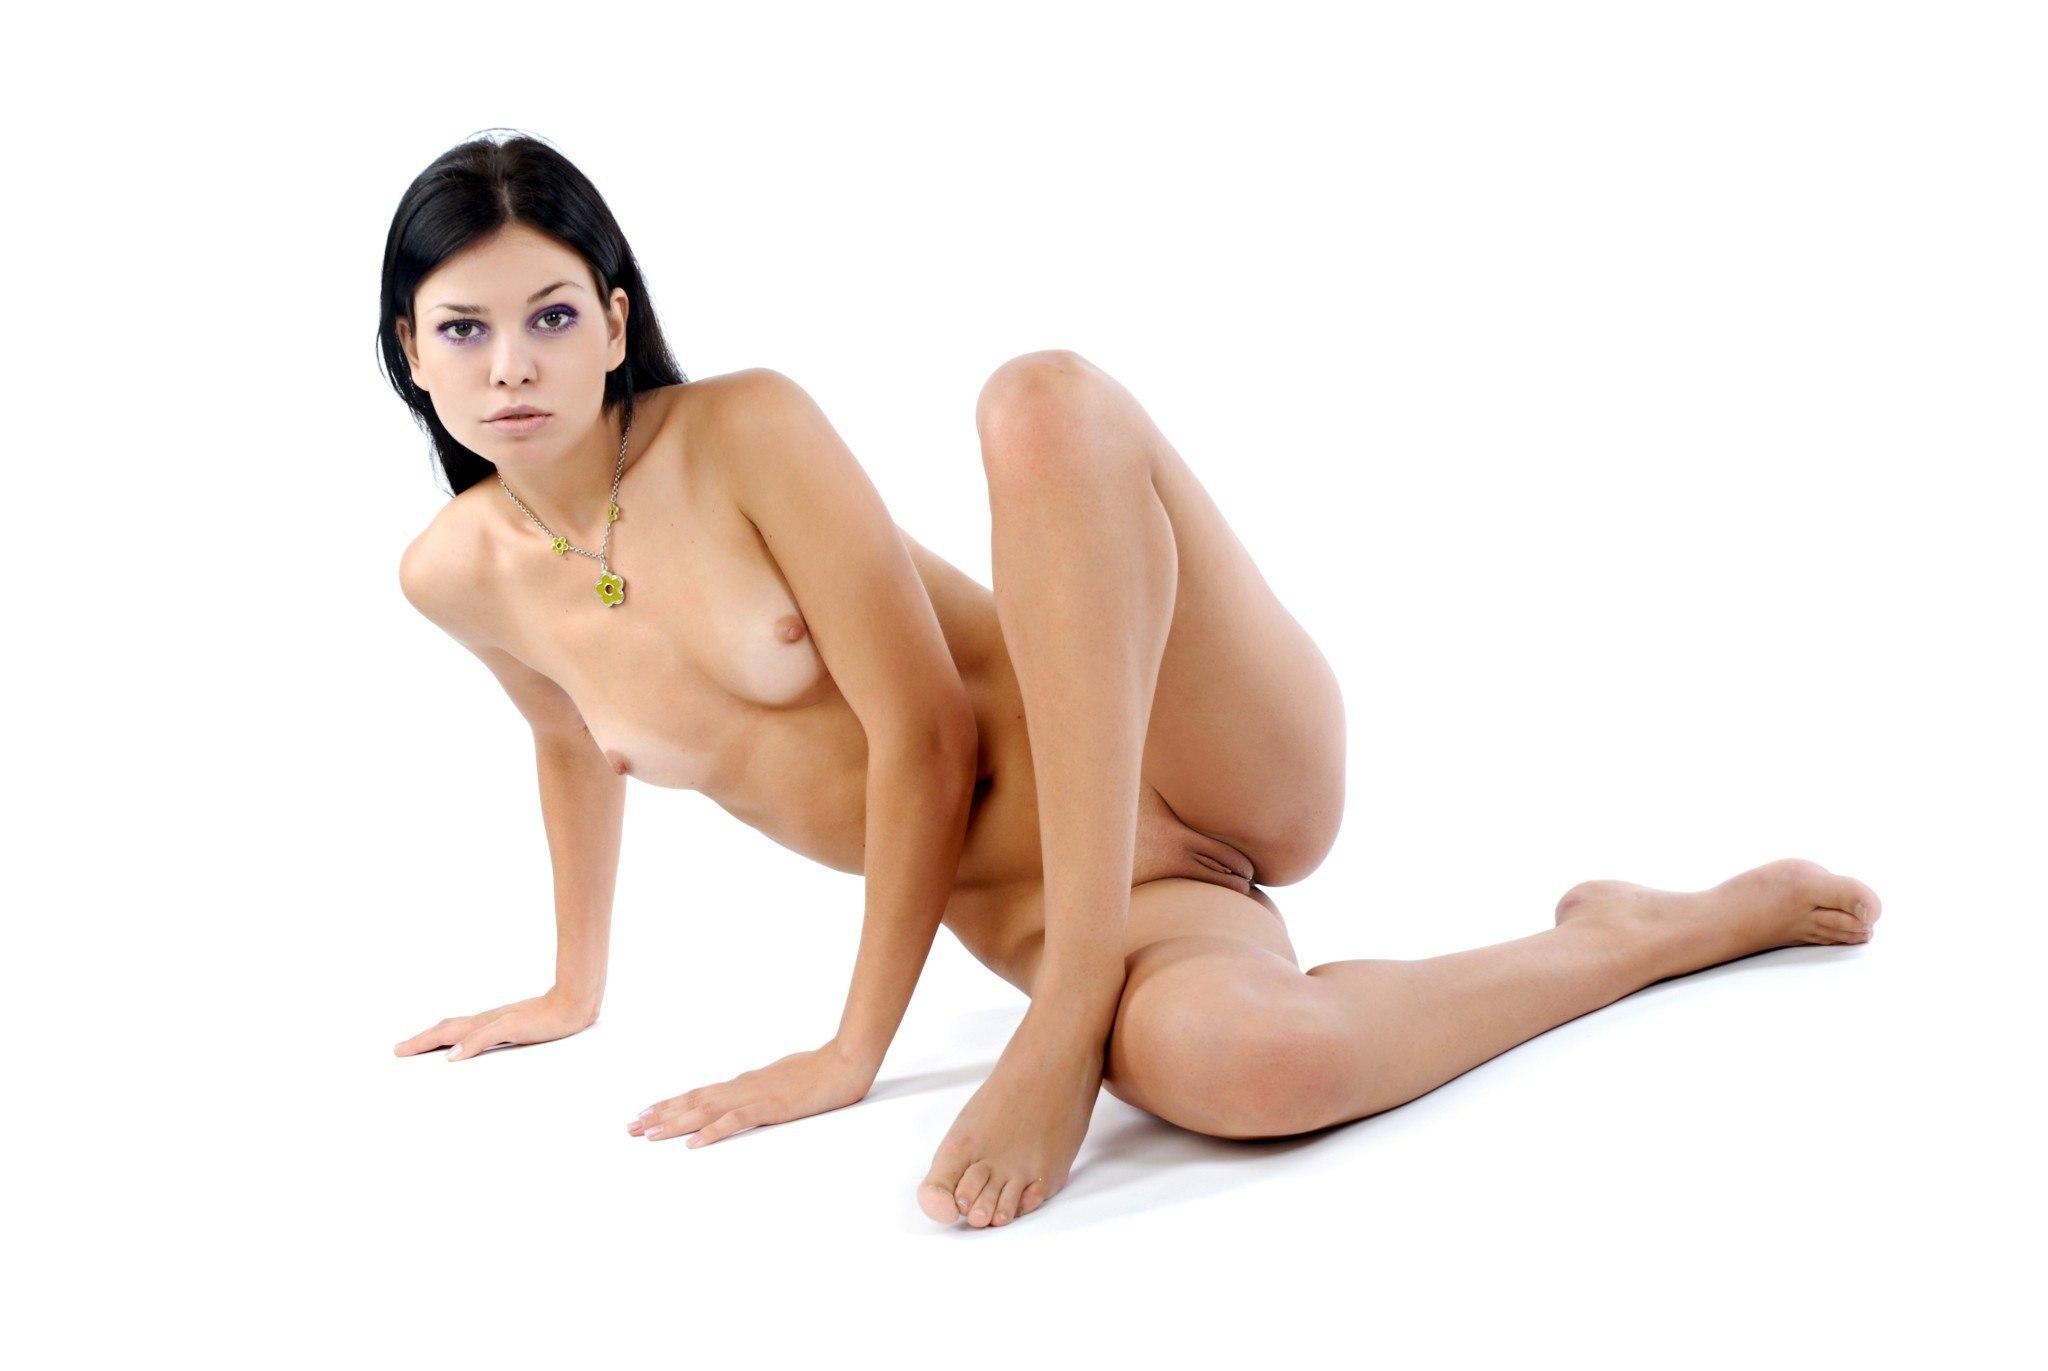 Реальные большые фоты голая наcтя коменcкая 21 фотография